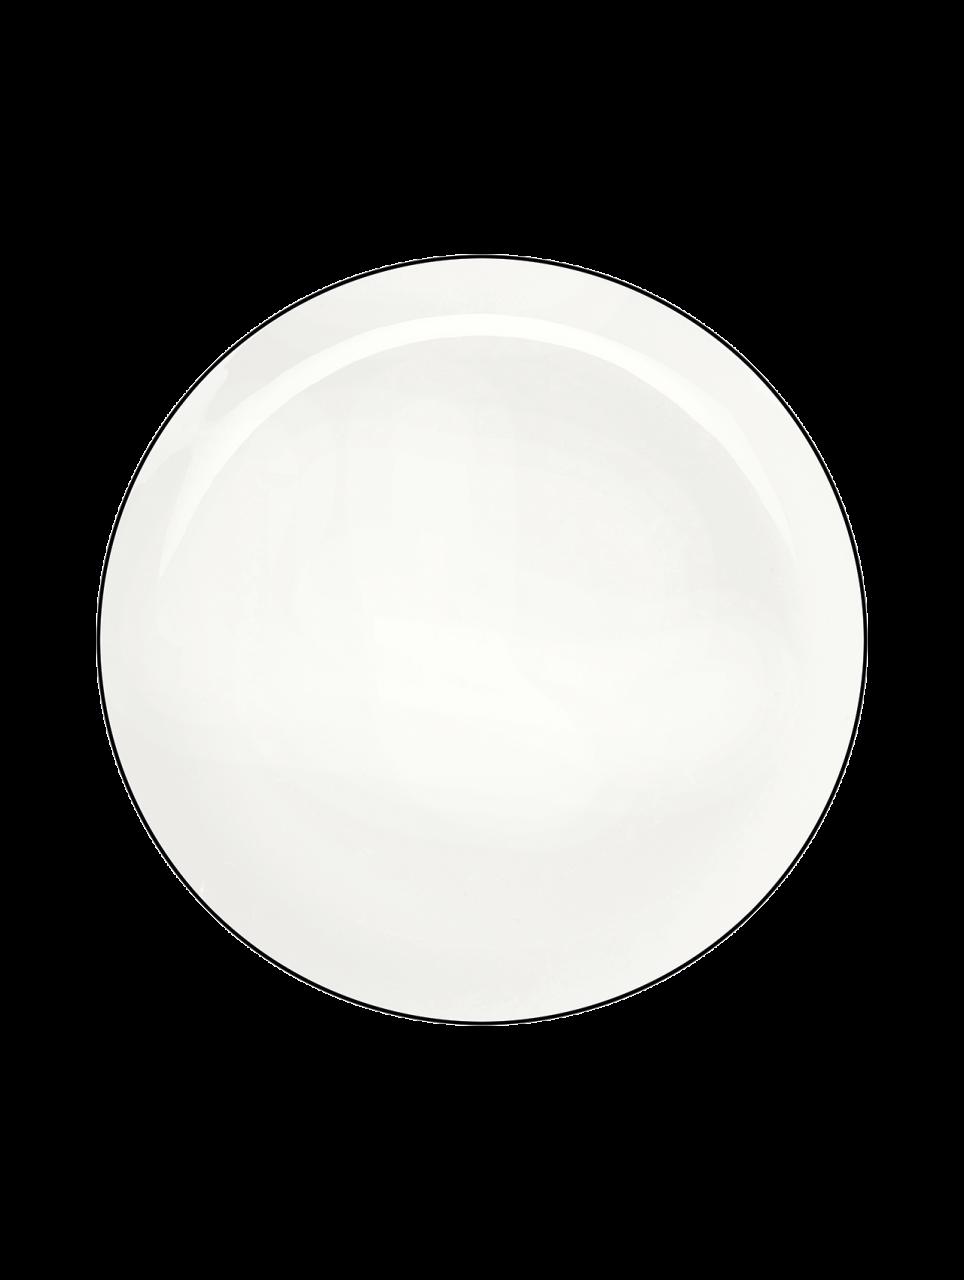 Dessertteller, ligne noire